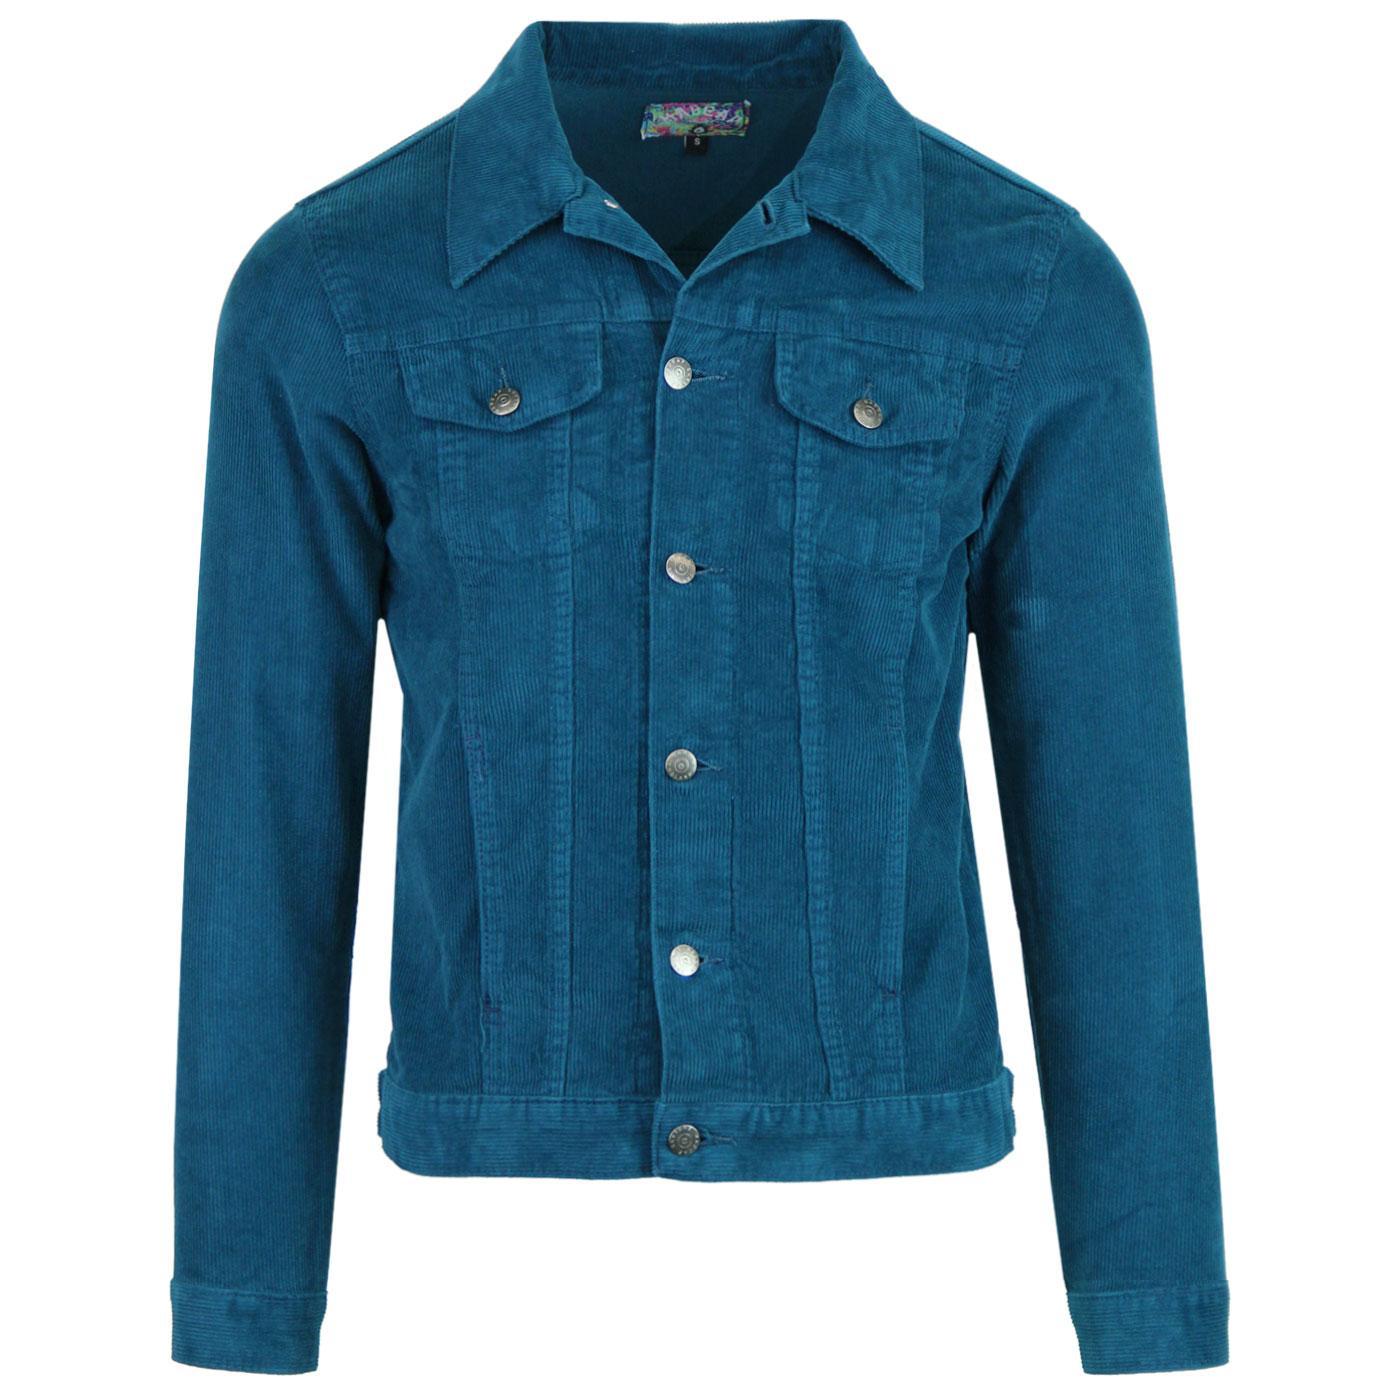 Woburn MADCAP ENGLAND Cord Western Jacket INK BLUE